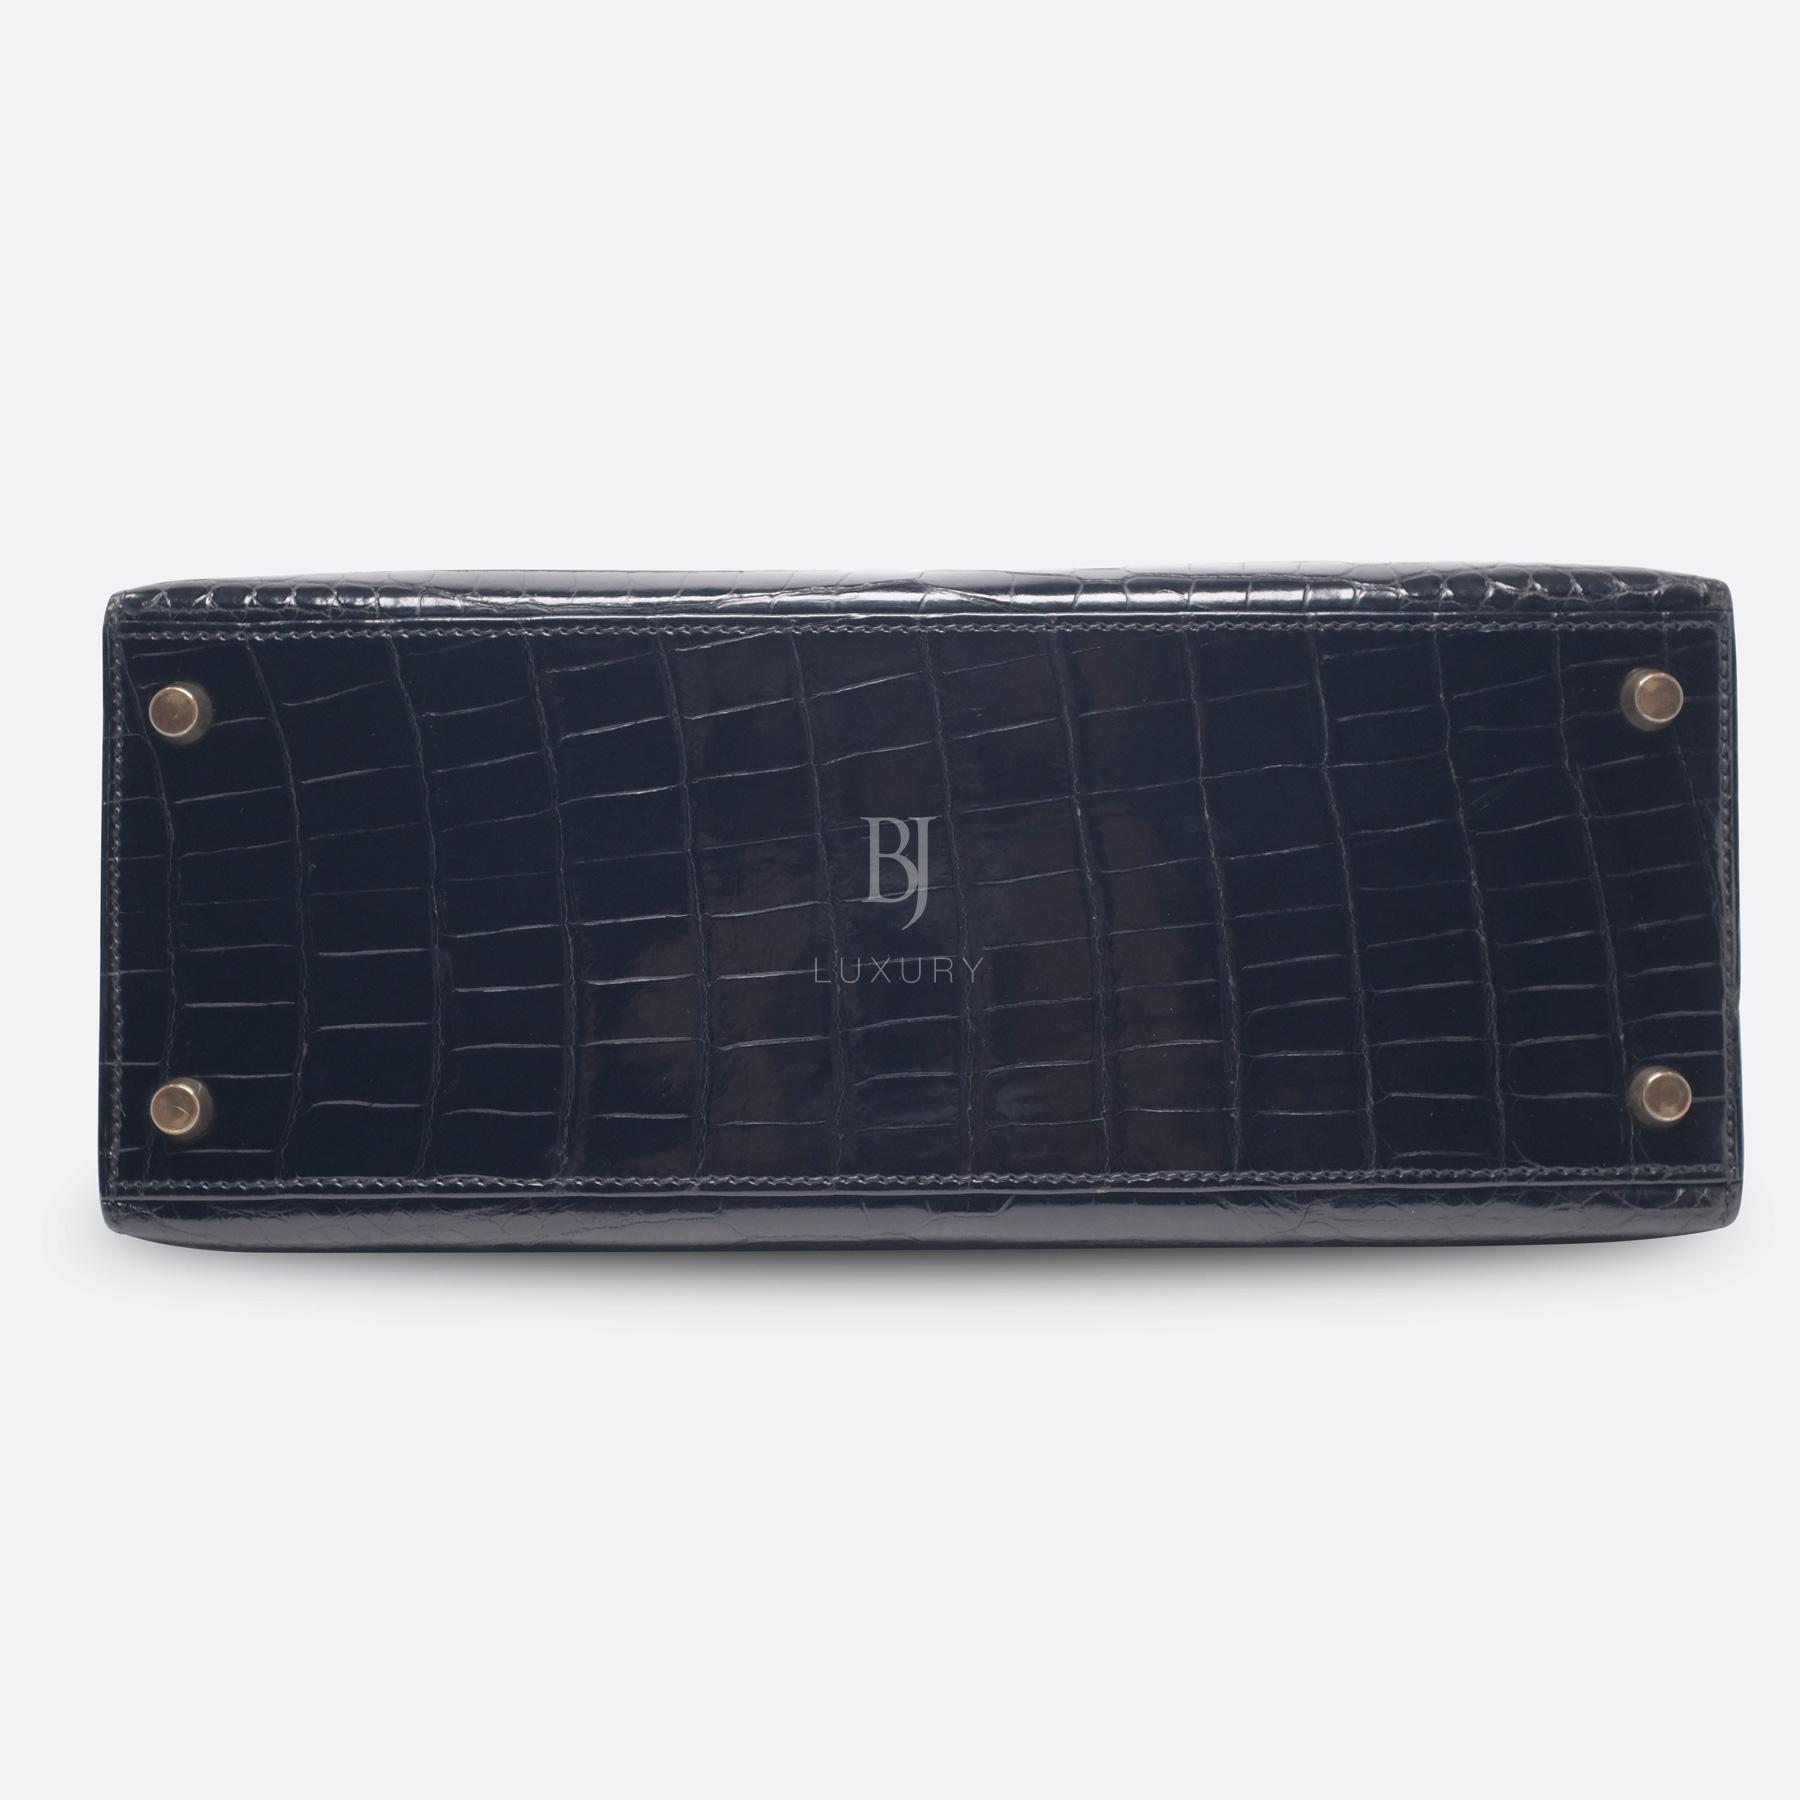 Hermes Kelly Sellier 28 Gold Black Porosus Crocodile BJ Luxury 6.jpg